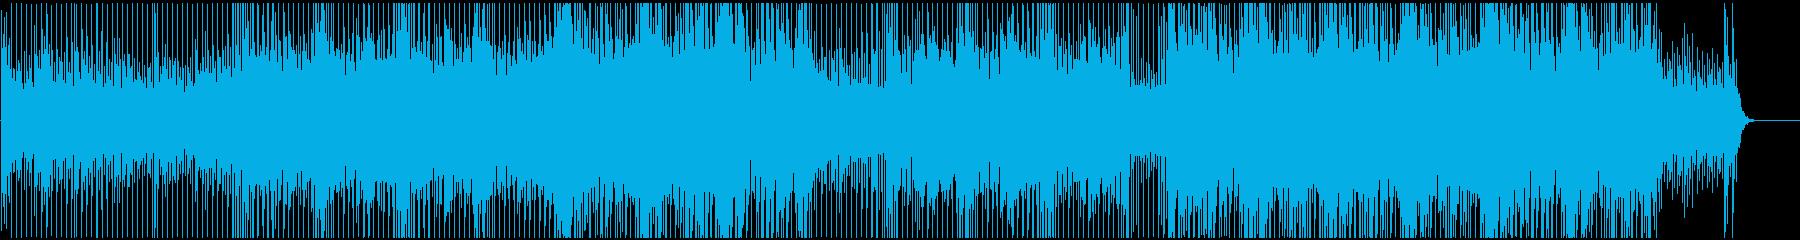 バランスよい透明感の再生済みの波形